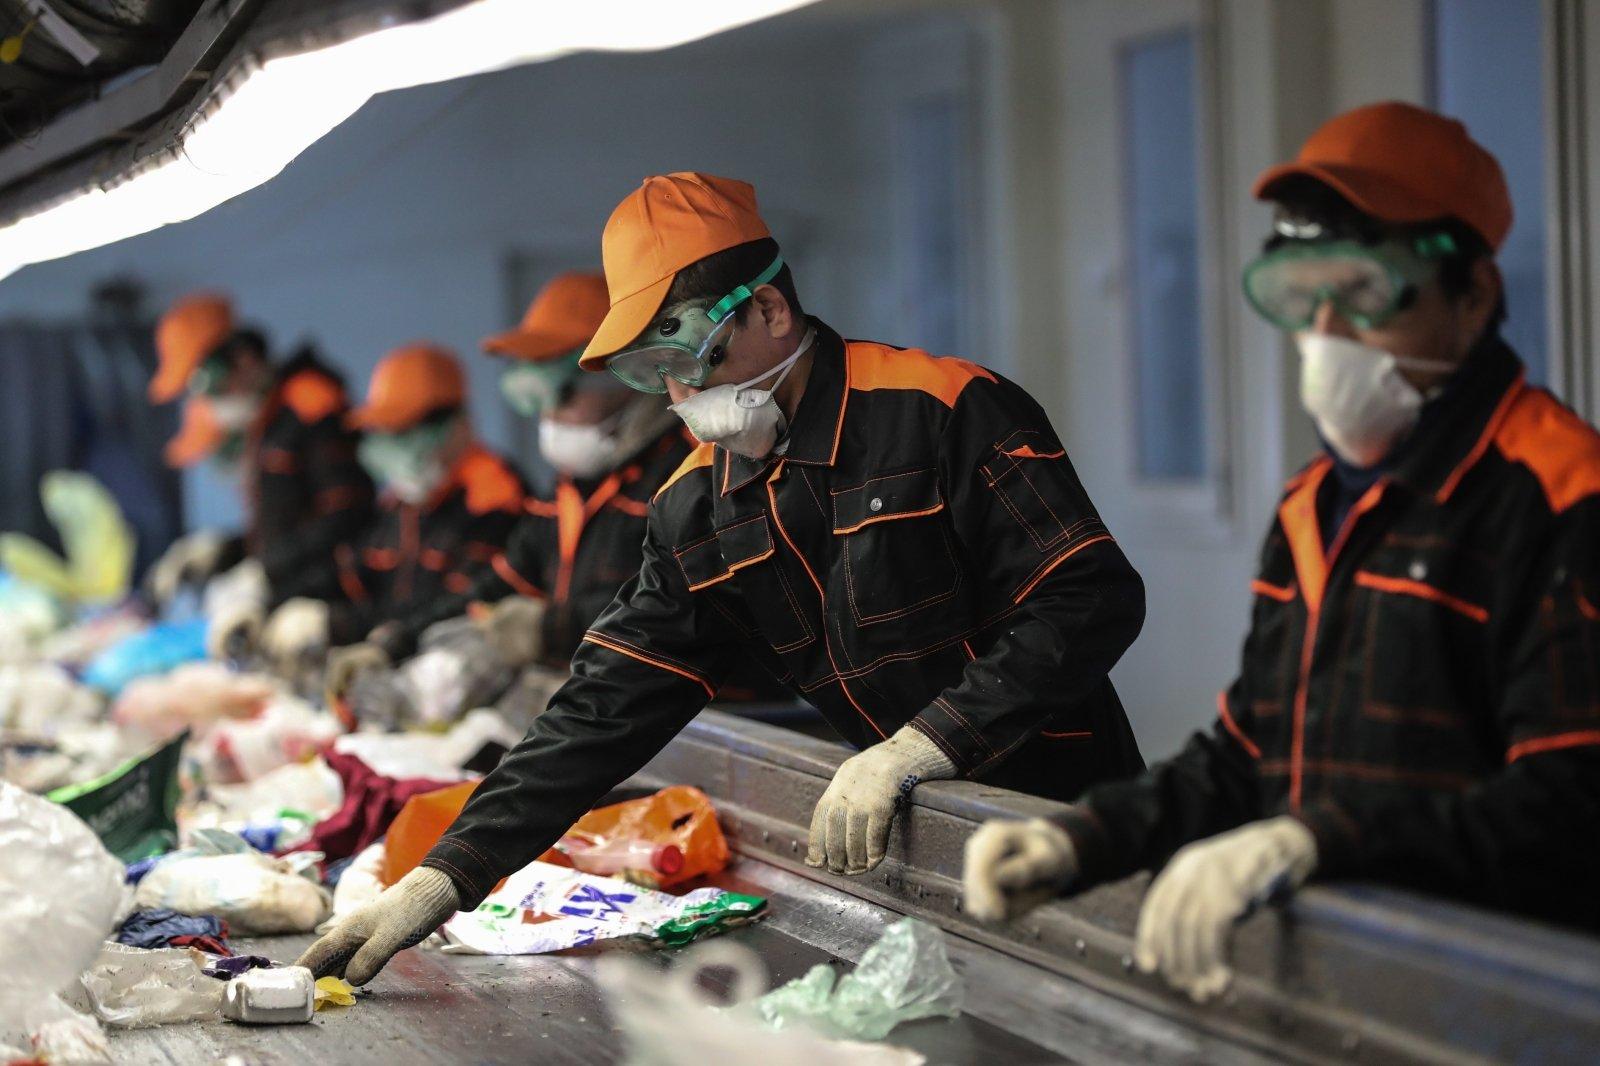 kinijos poveikis pasaulio prekybos sistemai)